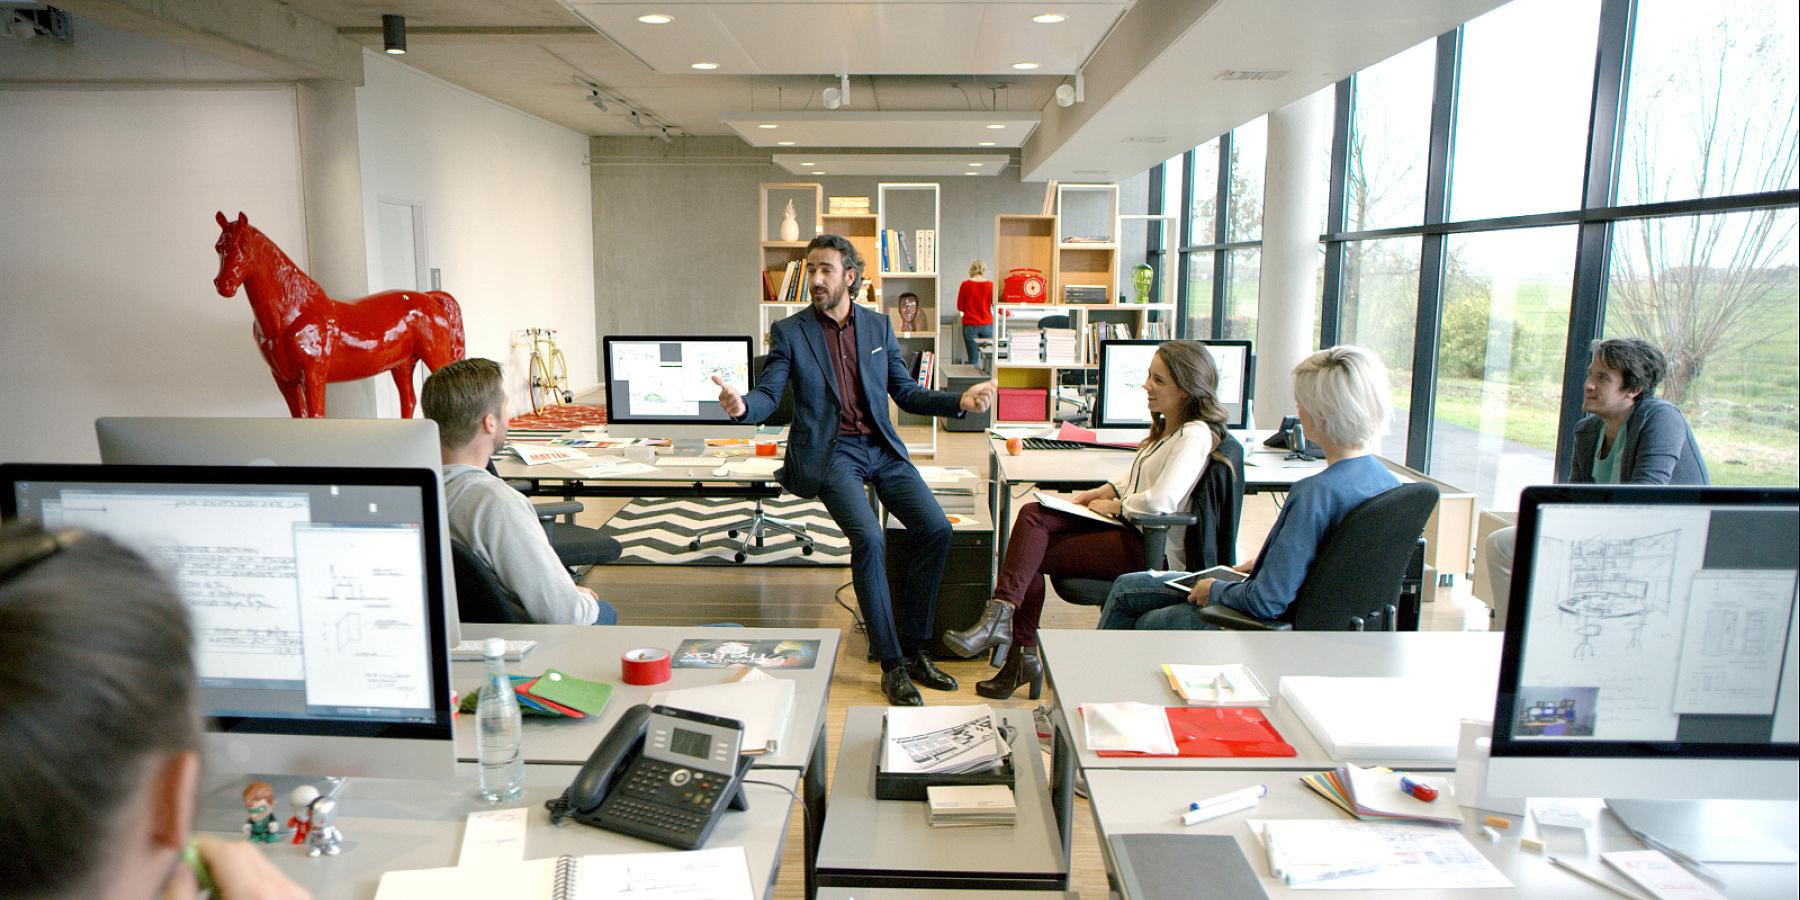 Licht Büro work licht für büro und verwaltungsgebäude